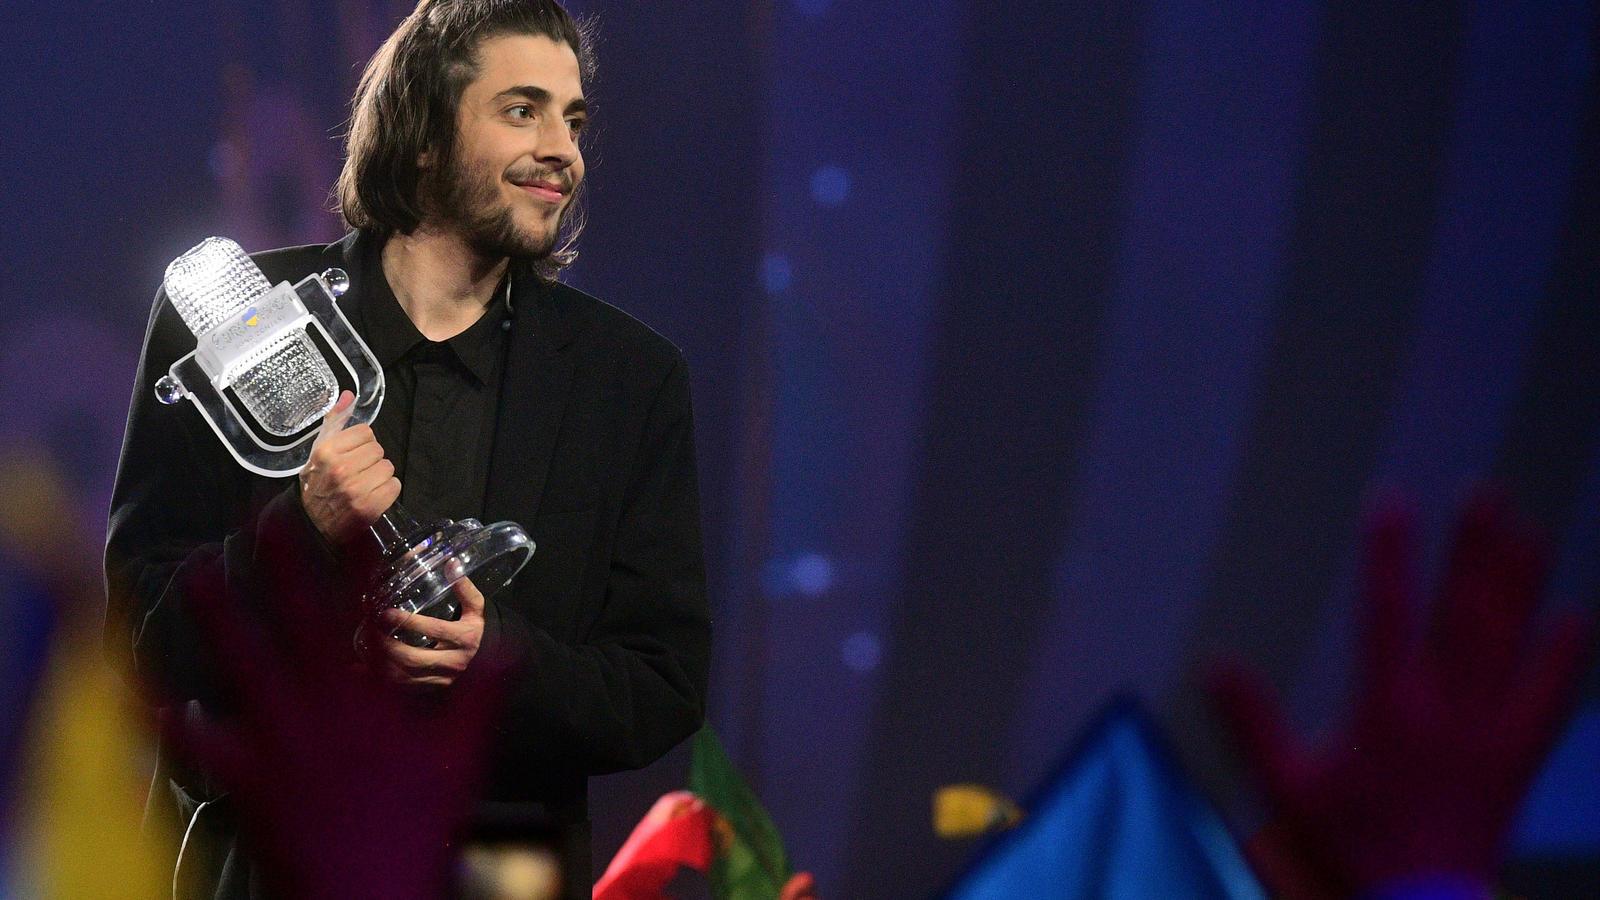 eurovision song contest gewinner 2017